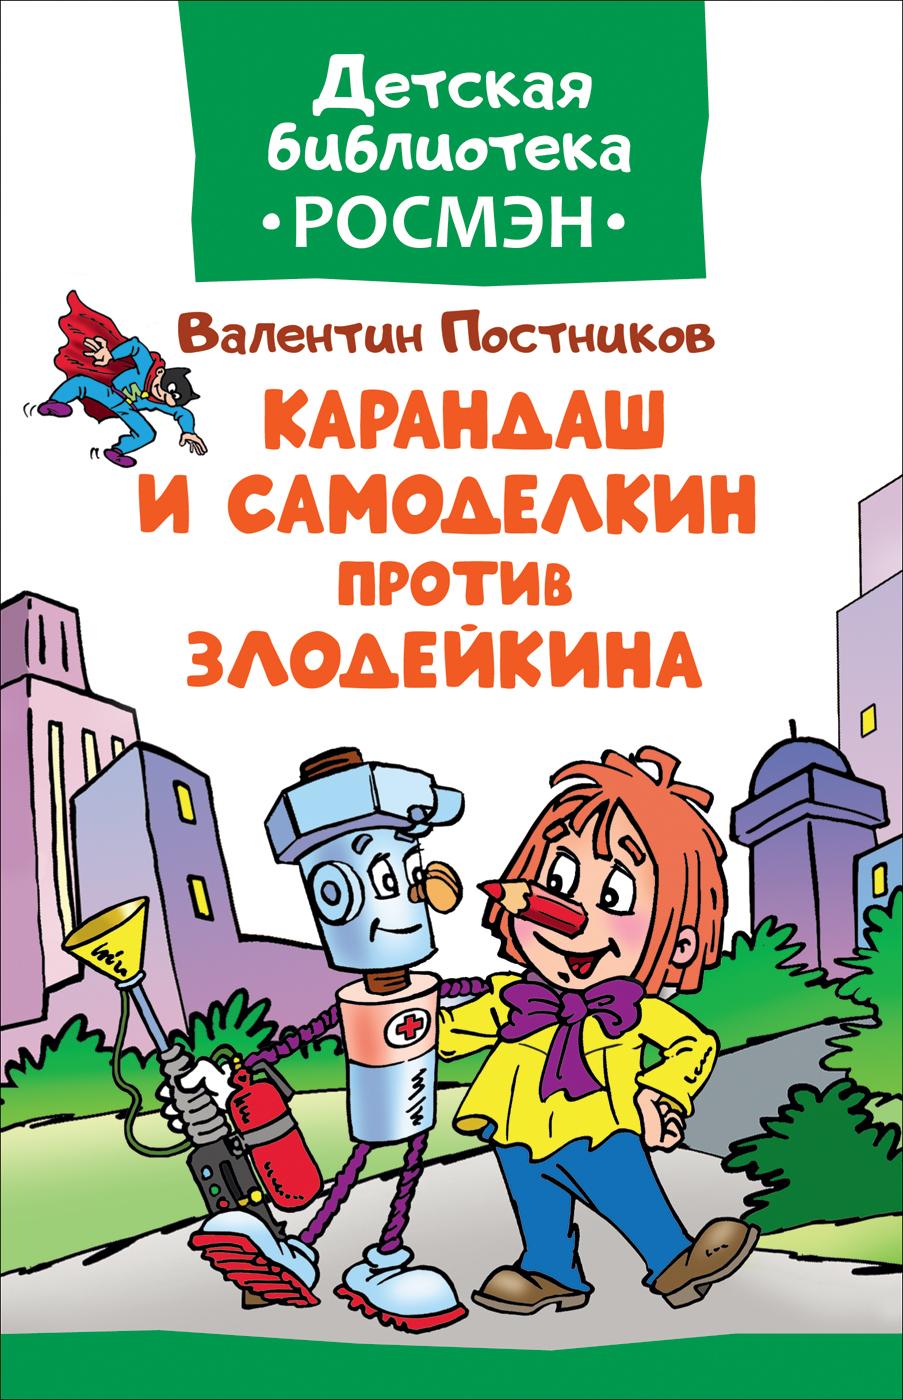 В. Постников Карандаш и Самоделкин против Злодейкина